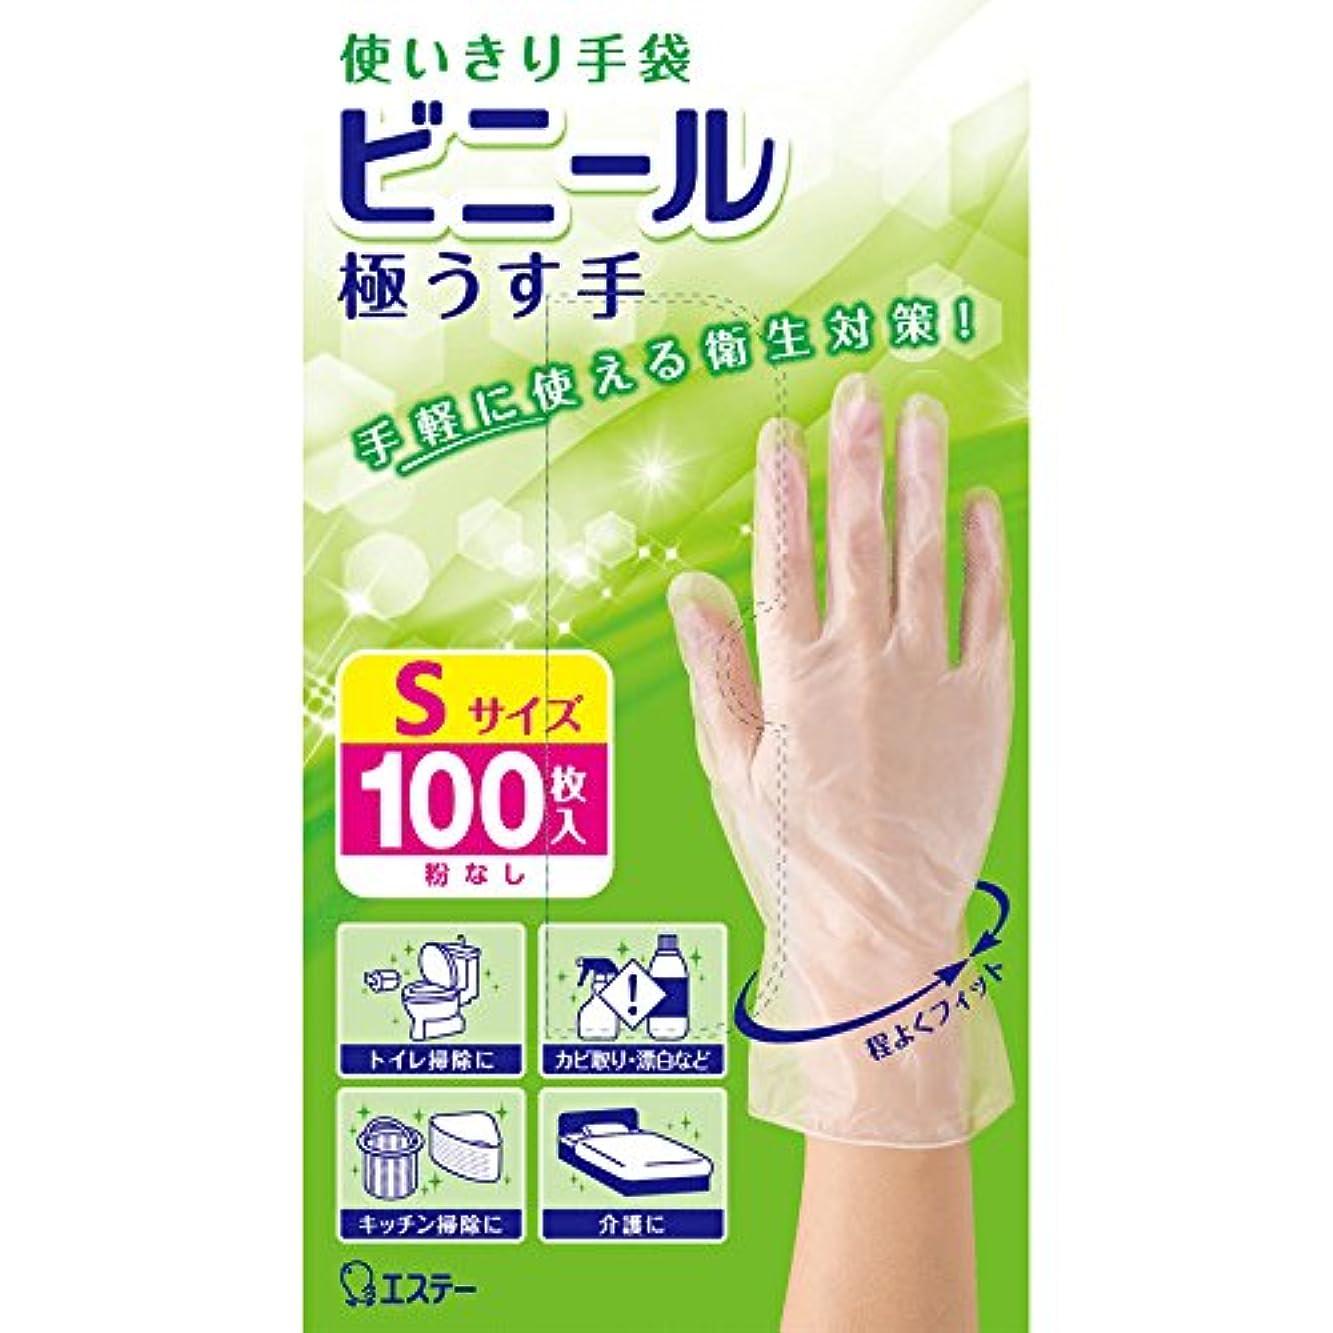 ステンレスマーガレットミッチェル突破口使いきり手袋 ビニール 極うす手 炊事?掃除用 Sサイズ 半透明 100枚